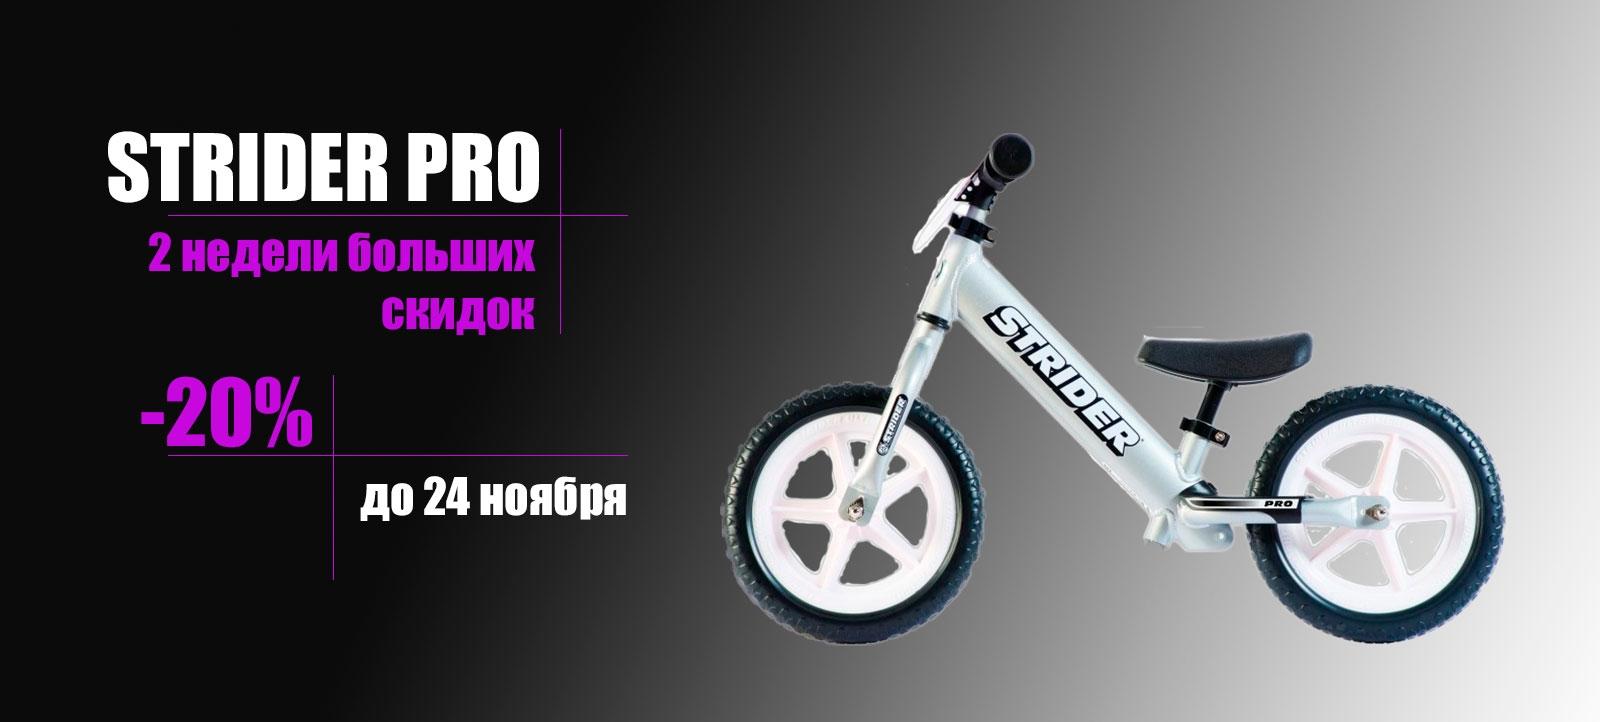 Распродажа Strider PRO